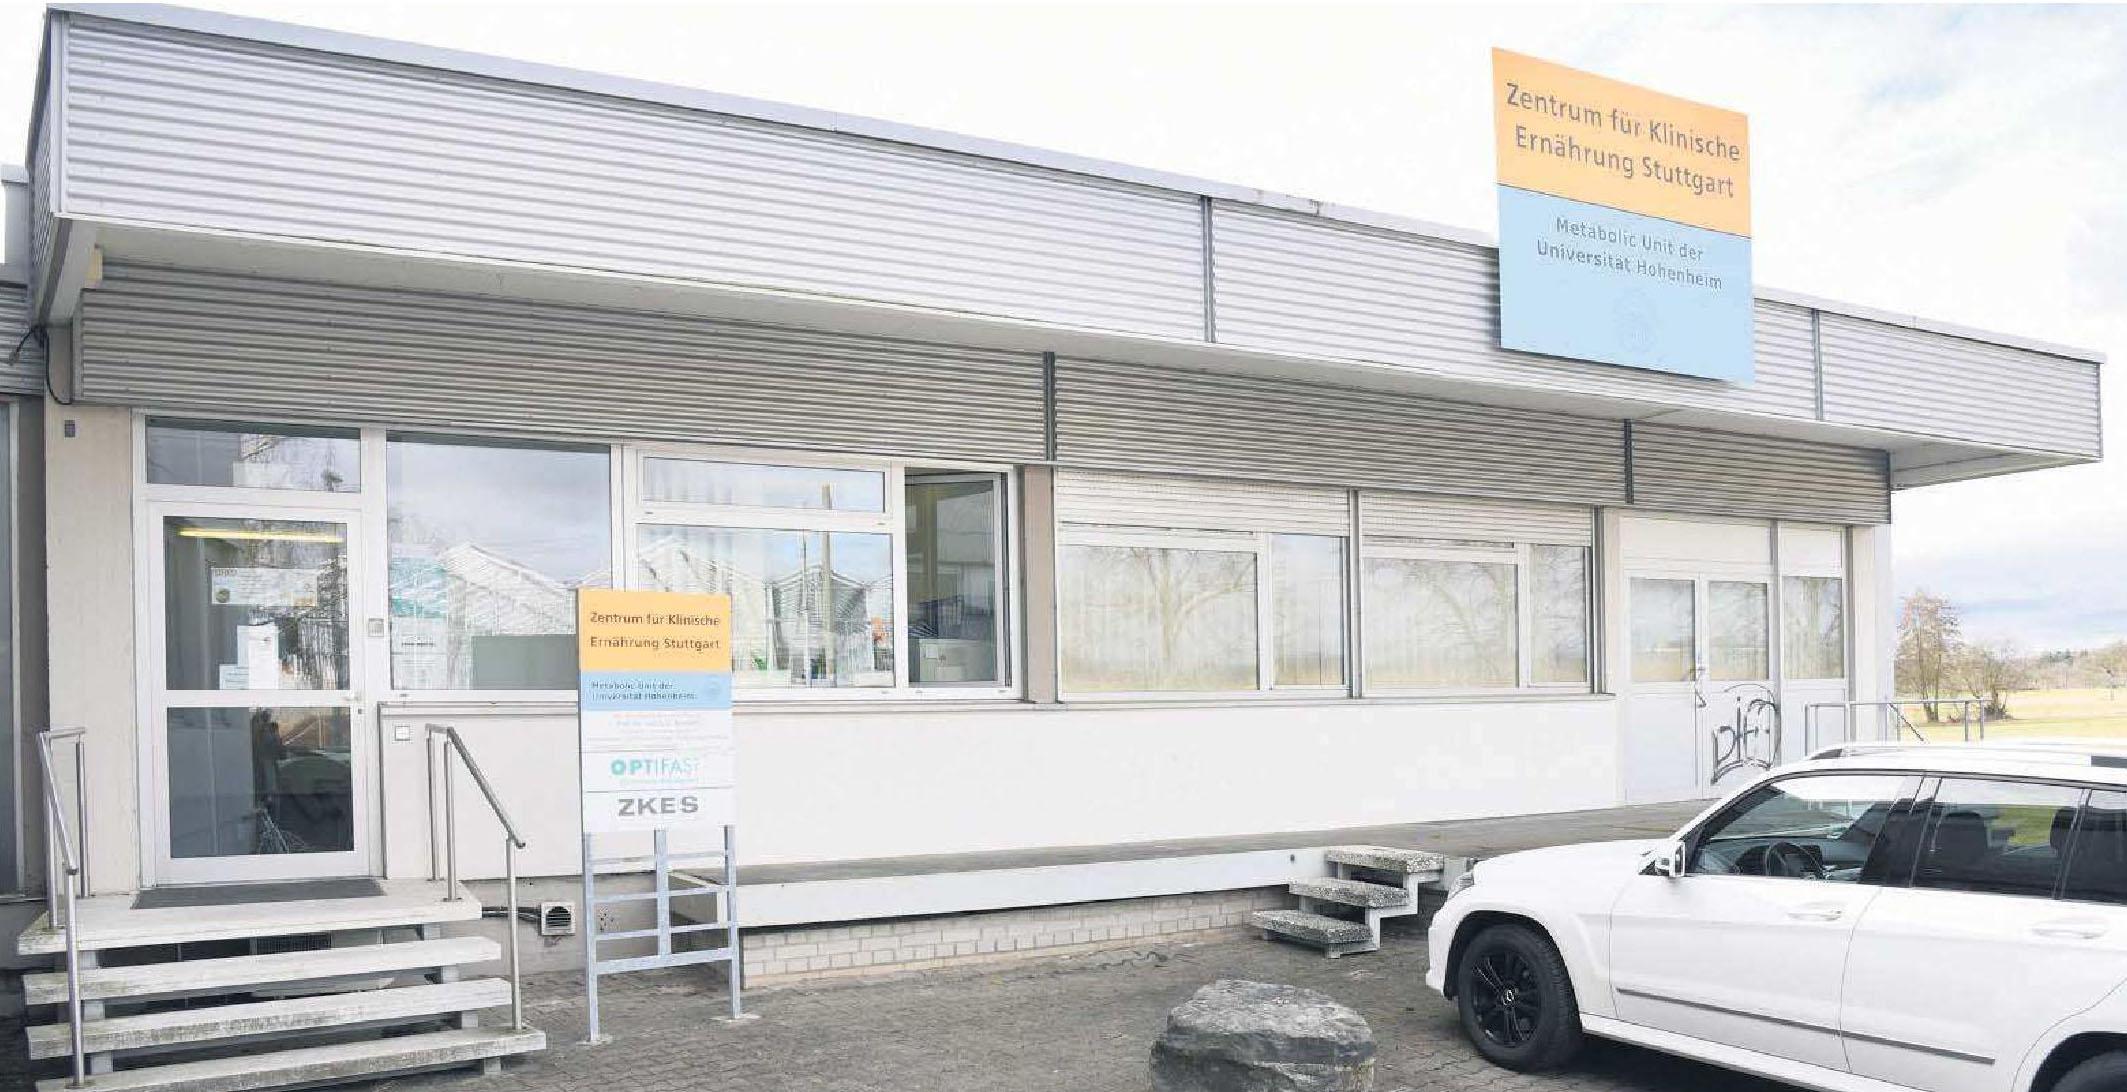 Das Zentrum für Klinische Ernährung in Stuttgart-Plieningen. Foto: Günter Bergmann